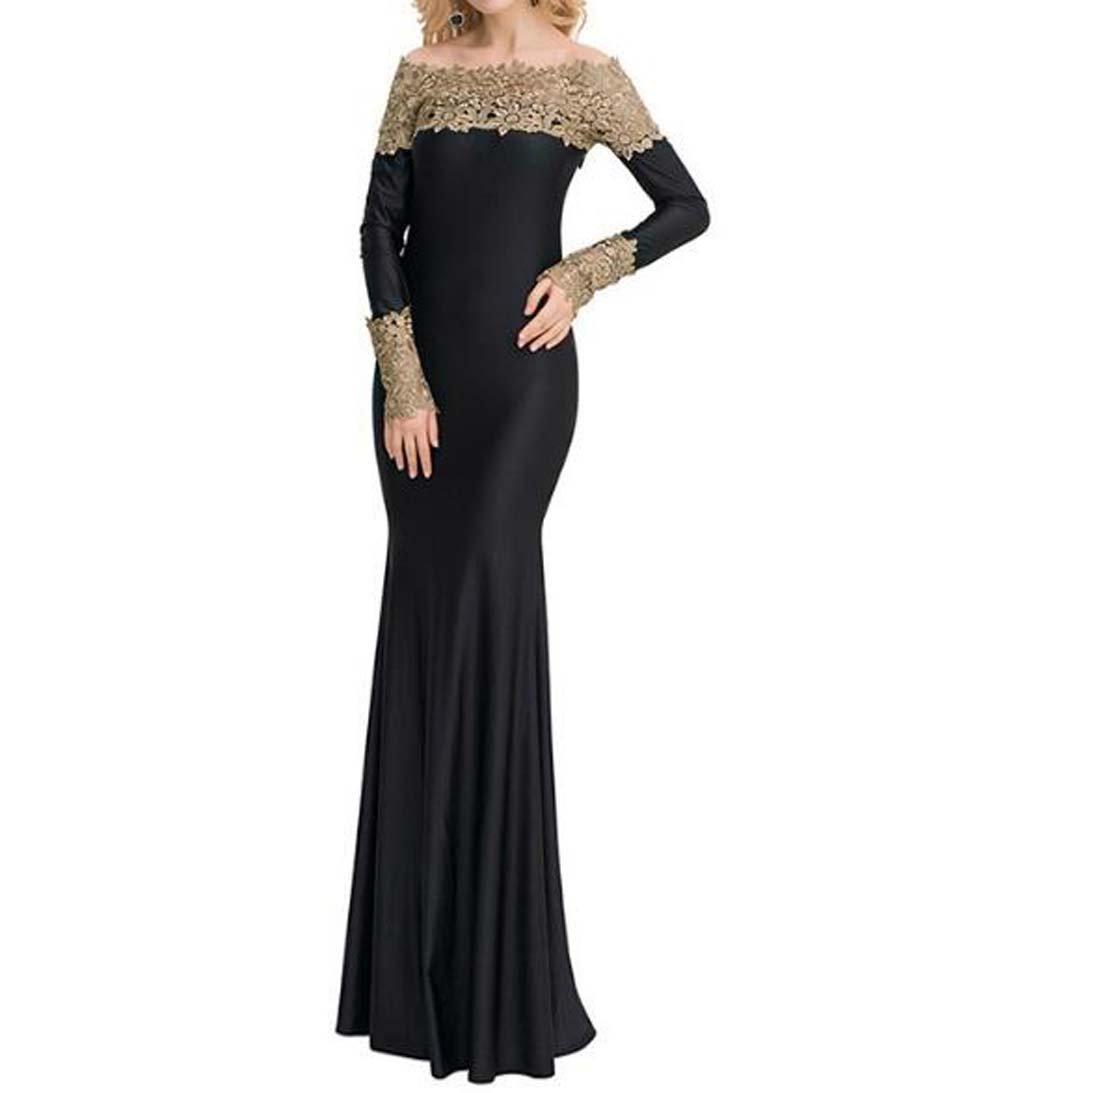 HEFEI -Un -Un HEFEI Vestido de Noche de Encaje con Hombros Descubiertos de una Sirena Sexy para Mujer con Hombros Descubiertos XIAOXIAO (Color : Amarillo, tamaño : XXXXXL) 825aeb